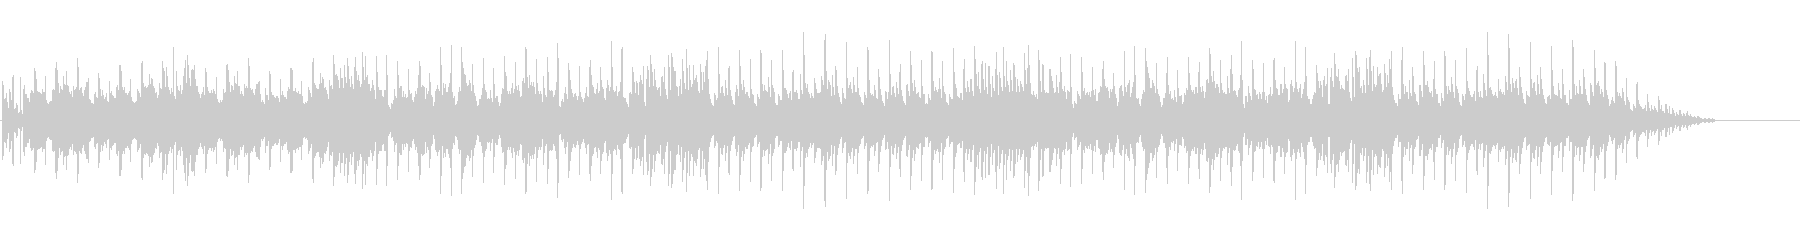 ファミコンシューティング風ループBGMの未再生の波形